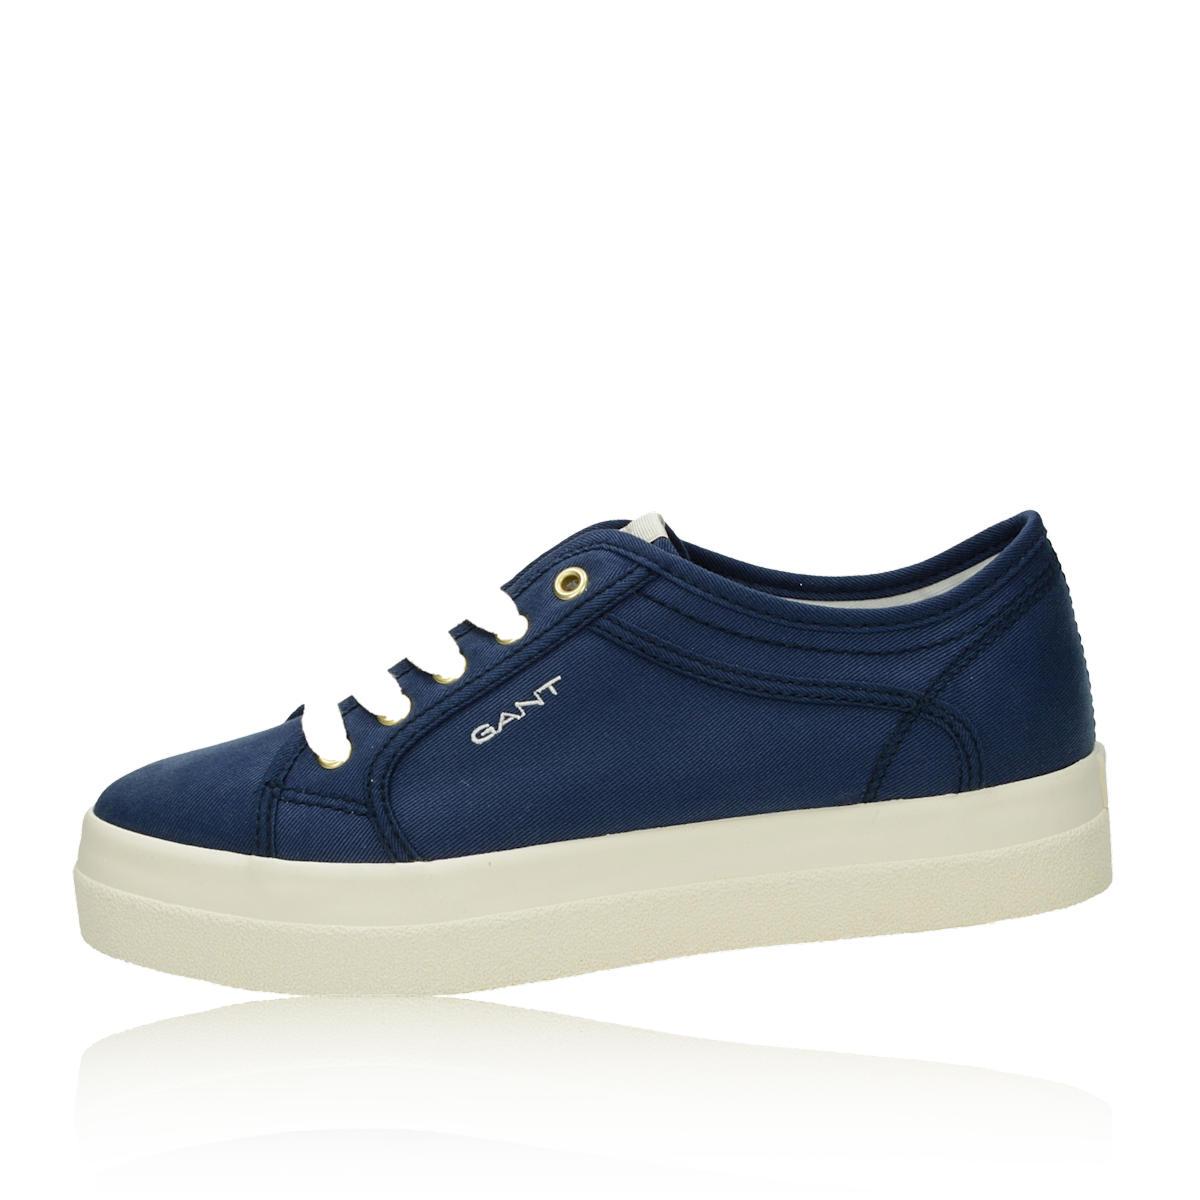 82aa20d95dd6 ... Gant dámske štýlové textilné tenisky - modré ...